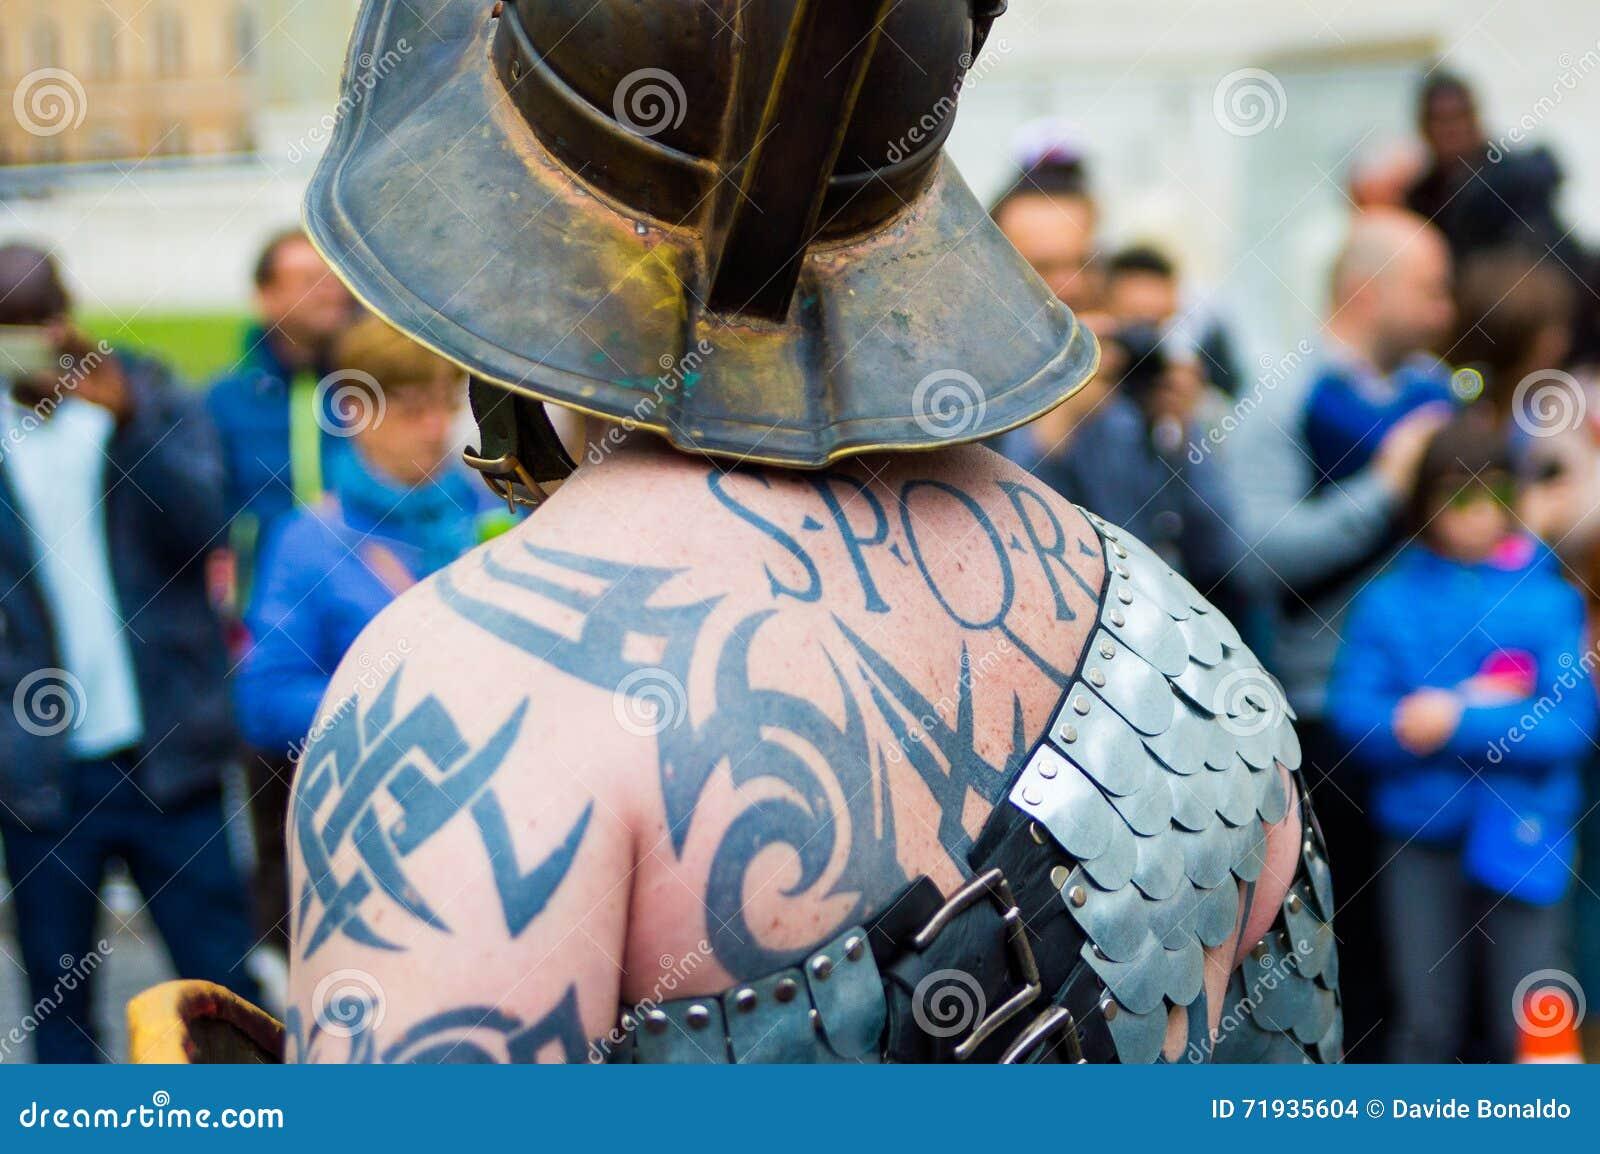 Конец вверх татуировки spqr на человеке одетом как римский солдат во время марша в Риме